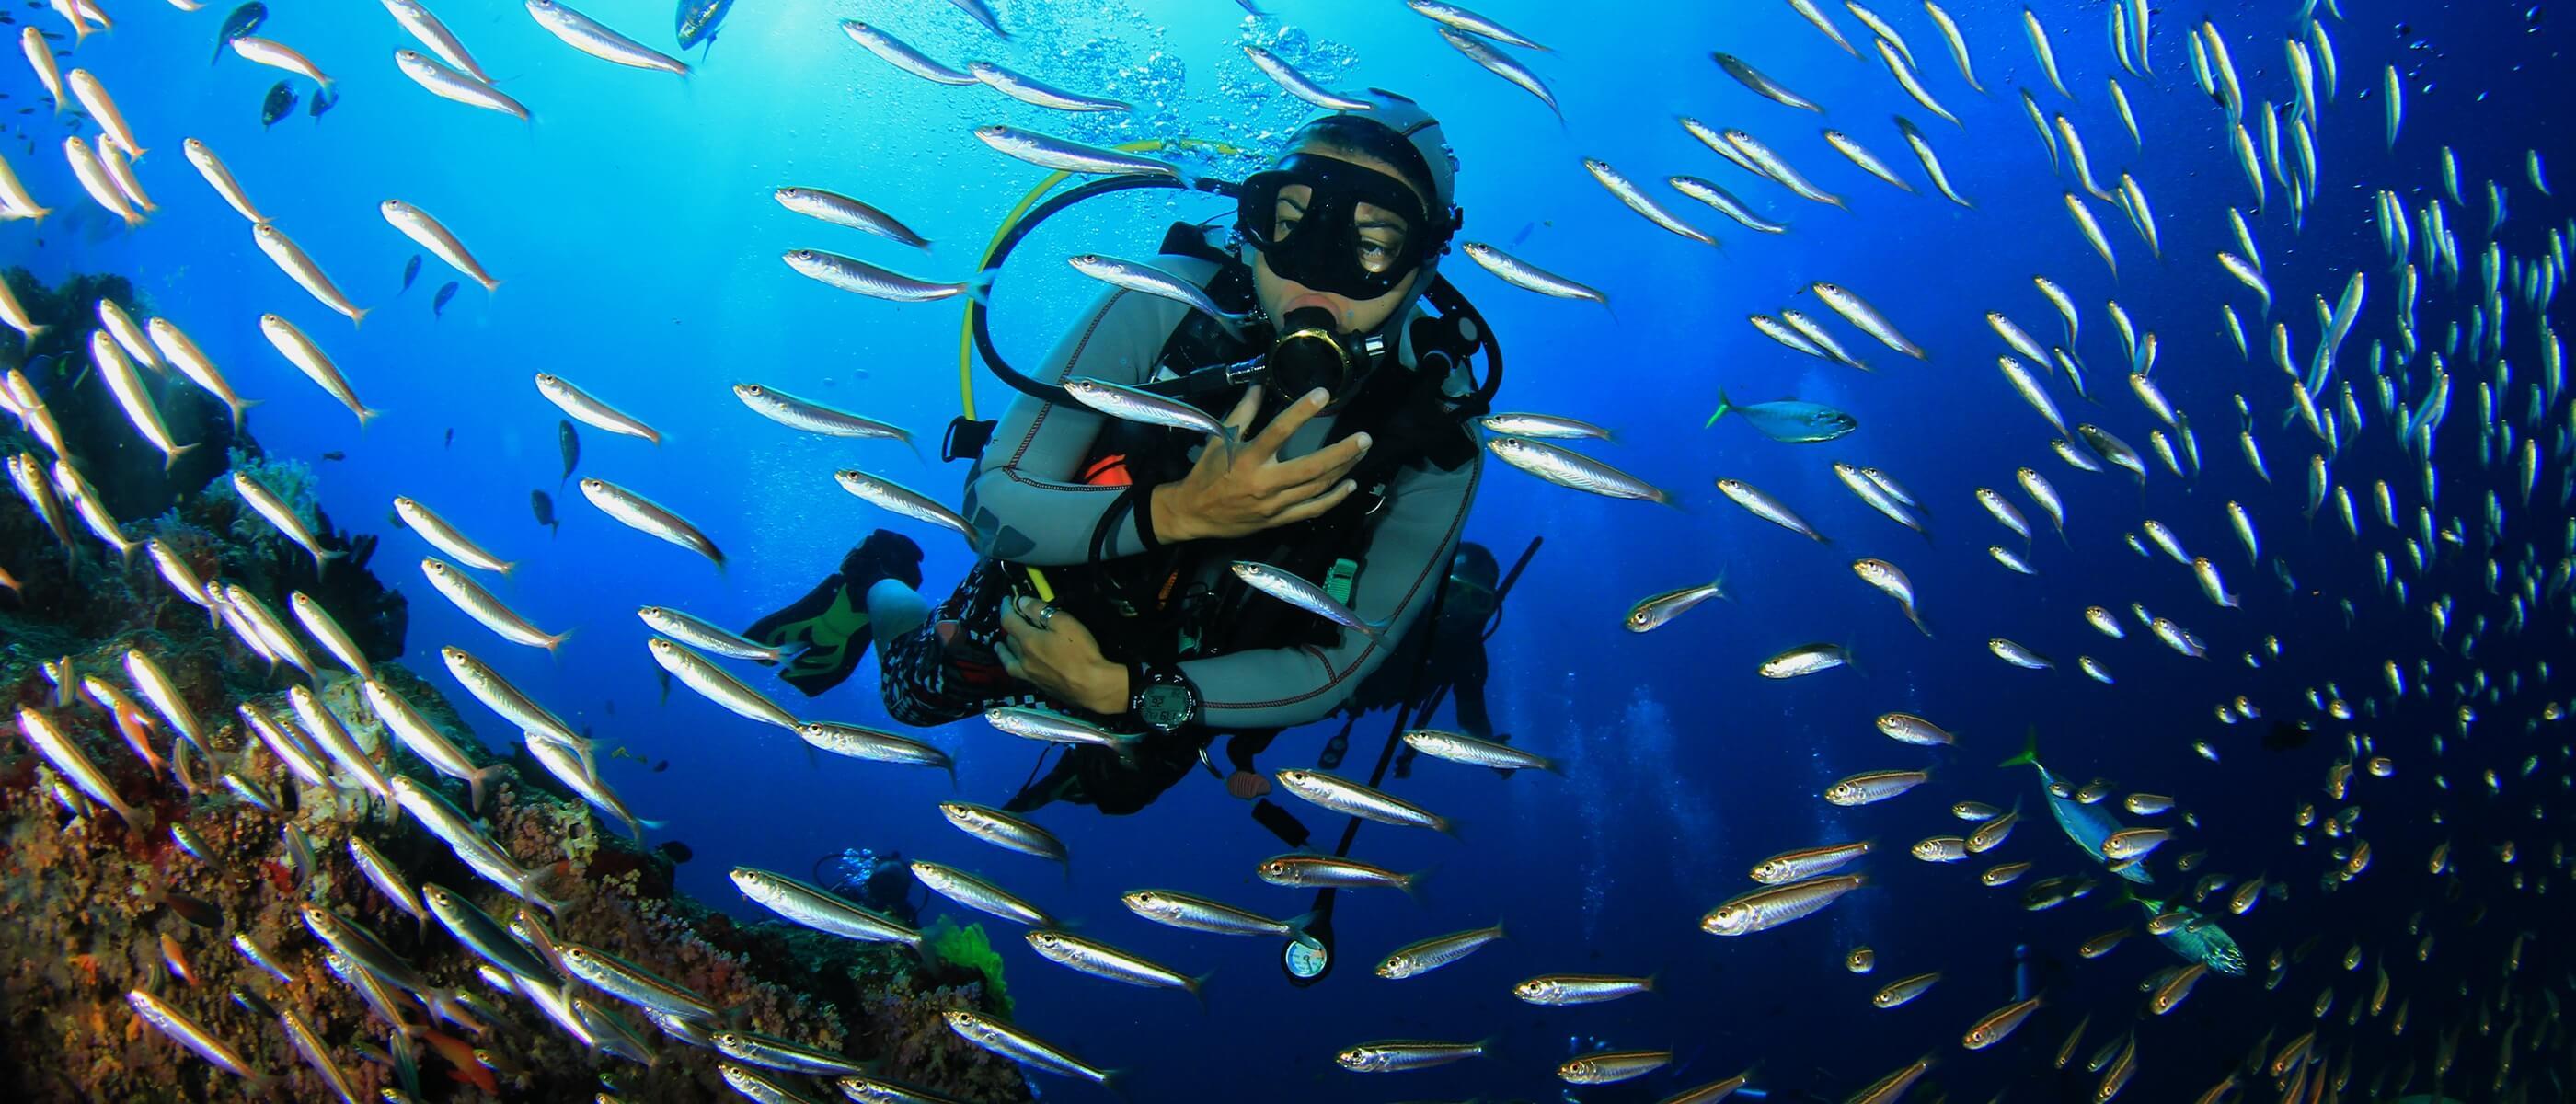 Wilayah Cairn di Australia merupakan area Great Barrier Reef yang menyimpan banyak satwa laut didalamnya.